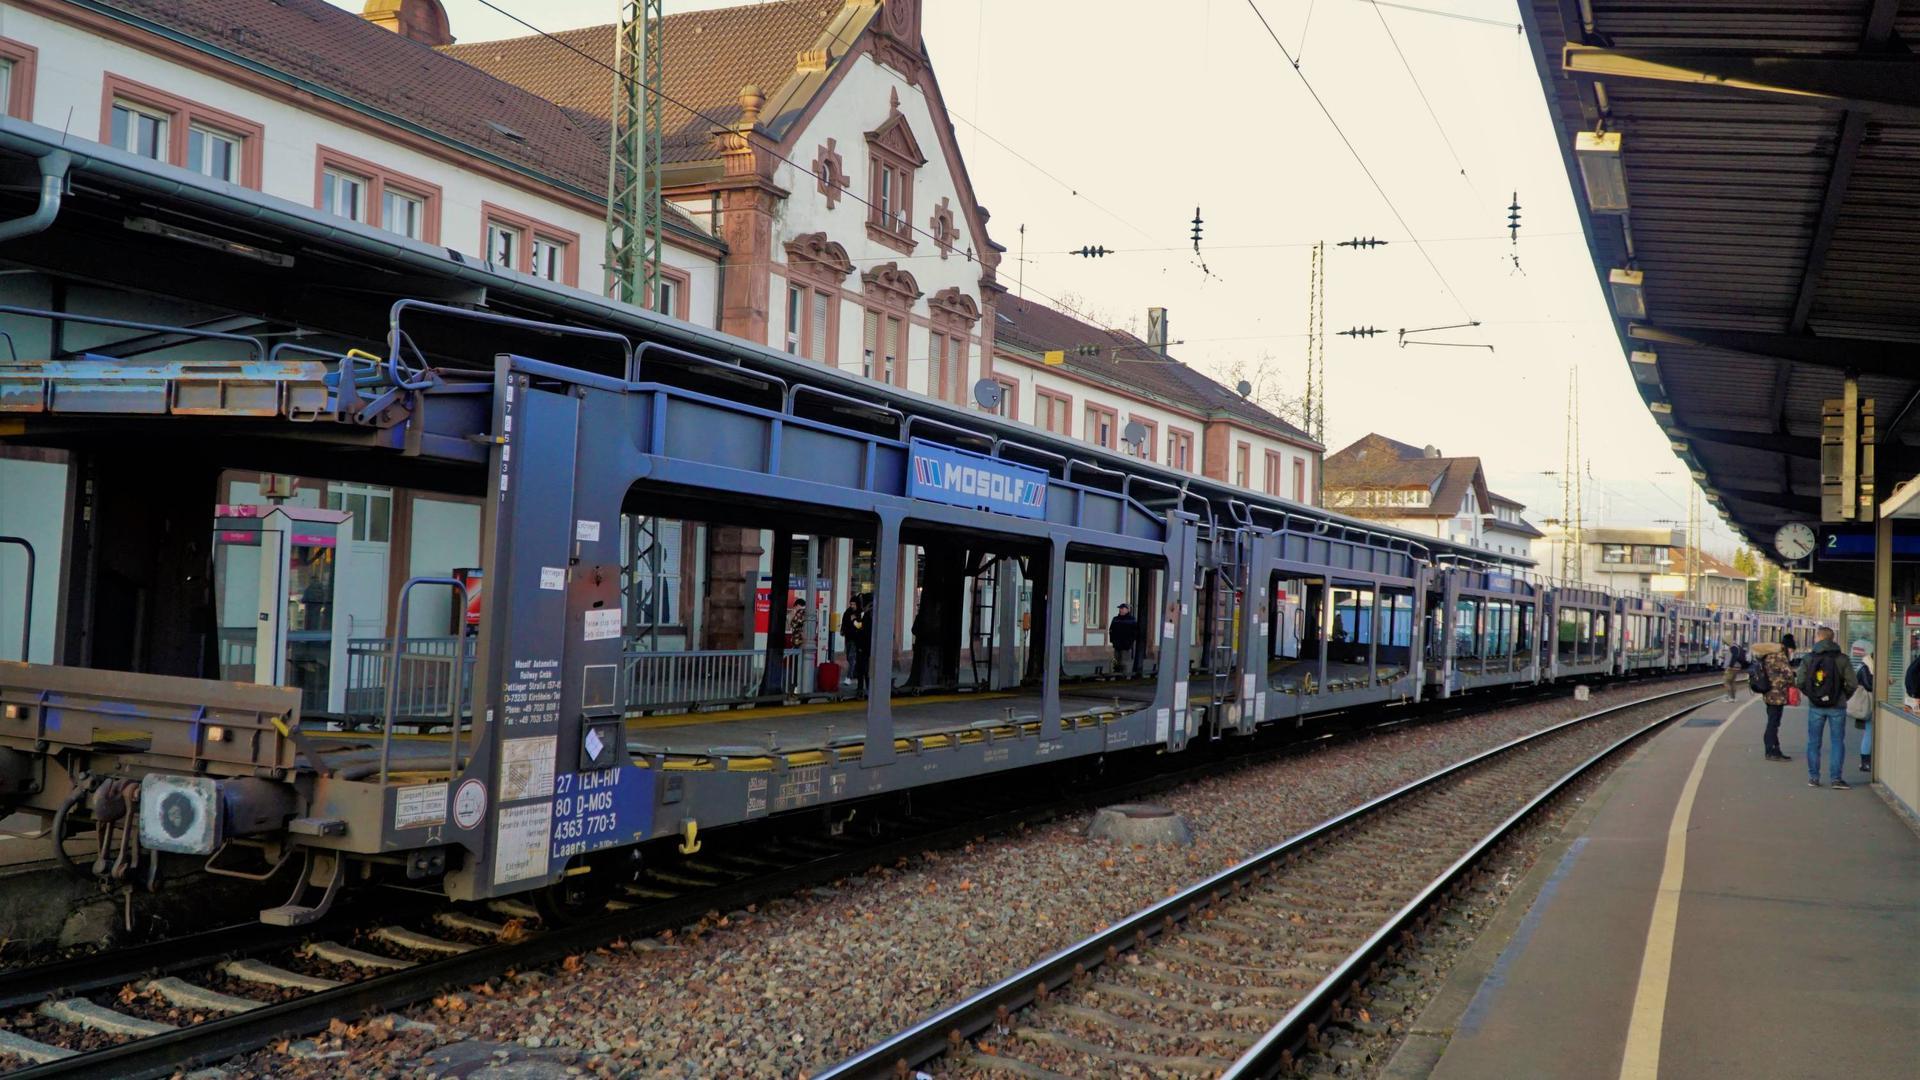 Hausbahnsteig als Abstellgleis: Güterwagen zum Transport von Autos warten am einzig barrierefrei zugänglichen Bahnsteig des Rastatter Bahnhofs darauf, von einer Lok zum Daimler-Werk abgeholt zu werden. Oftmals stehen die Wagen über Sonn- und Feiertage hinweg.